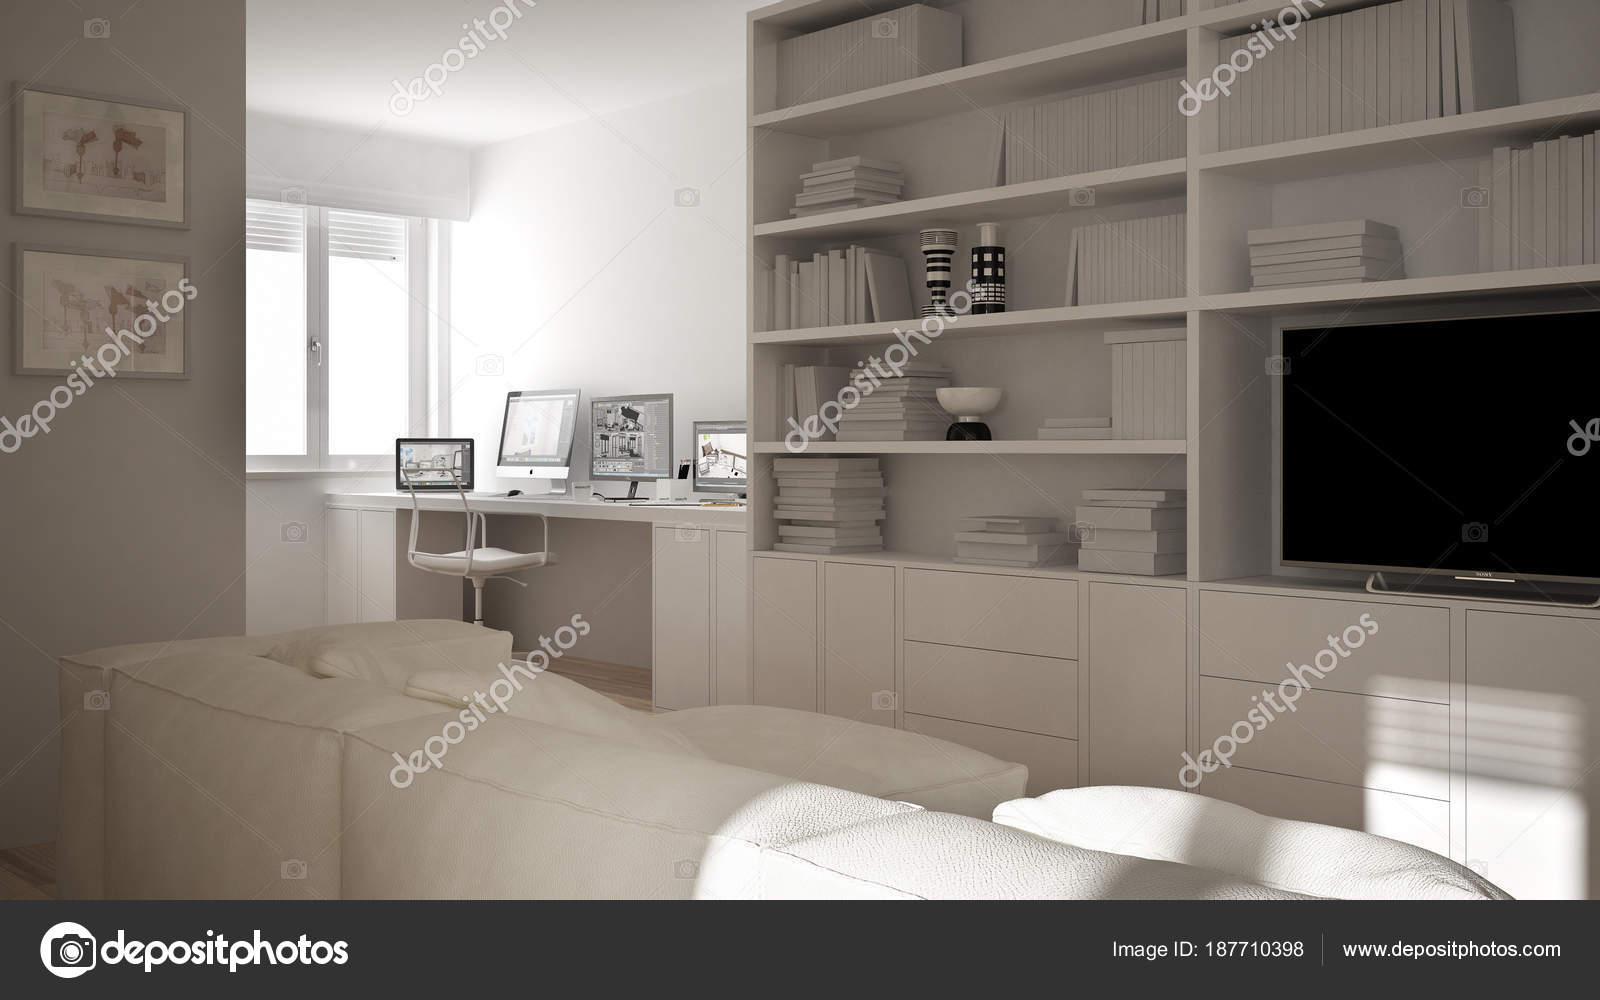 Moderne Boekenkast Wit.Moderne Woonkamer Met Werkplek Hoek Grote Boekenkast En Venster